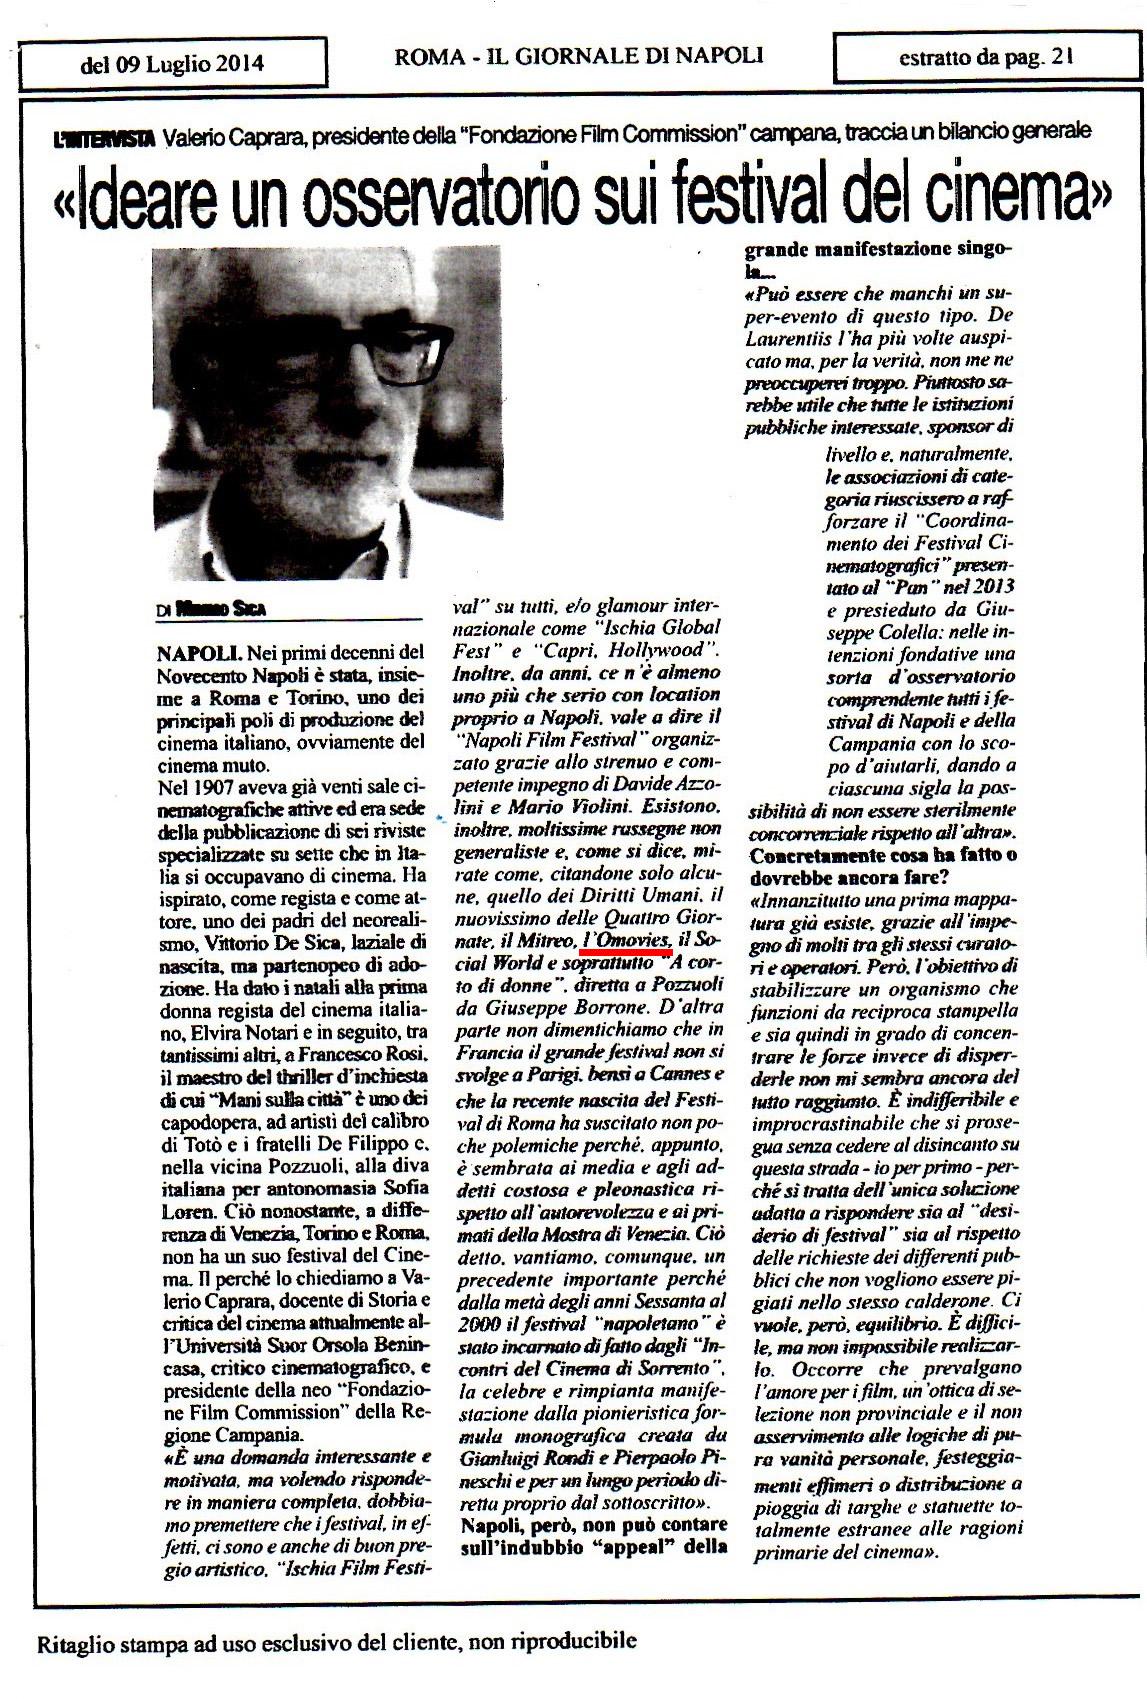 Omovies citata da Valerio Caprara in un articolo in cui parla della buona prassi del CFCC di cui siamo co-fondatori.